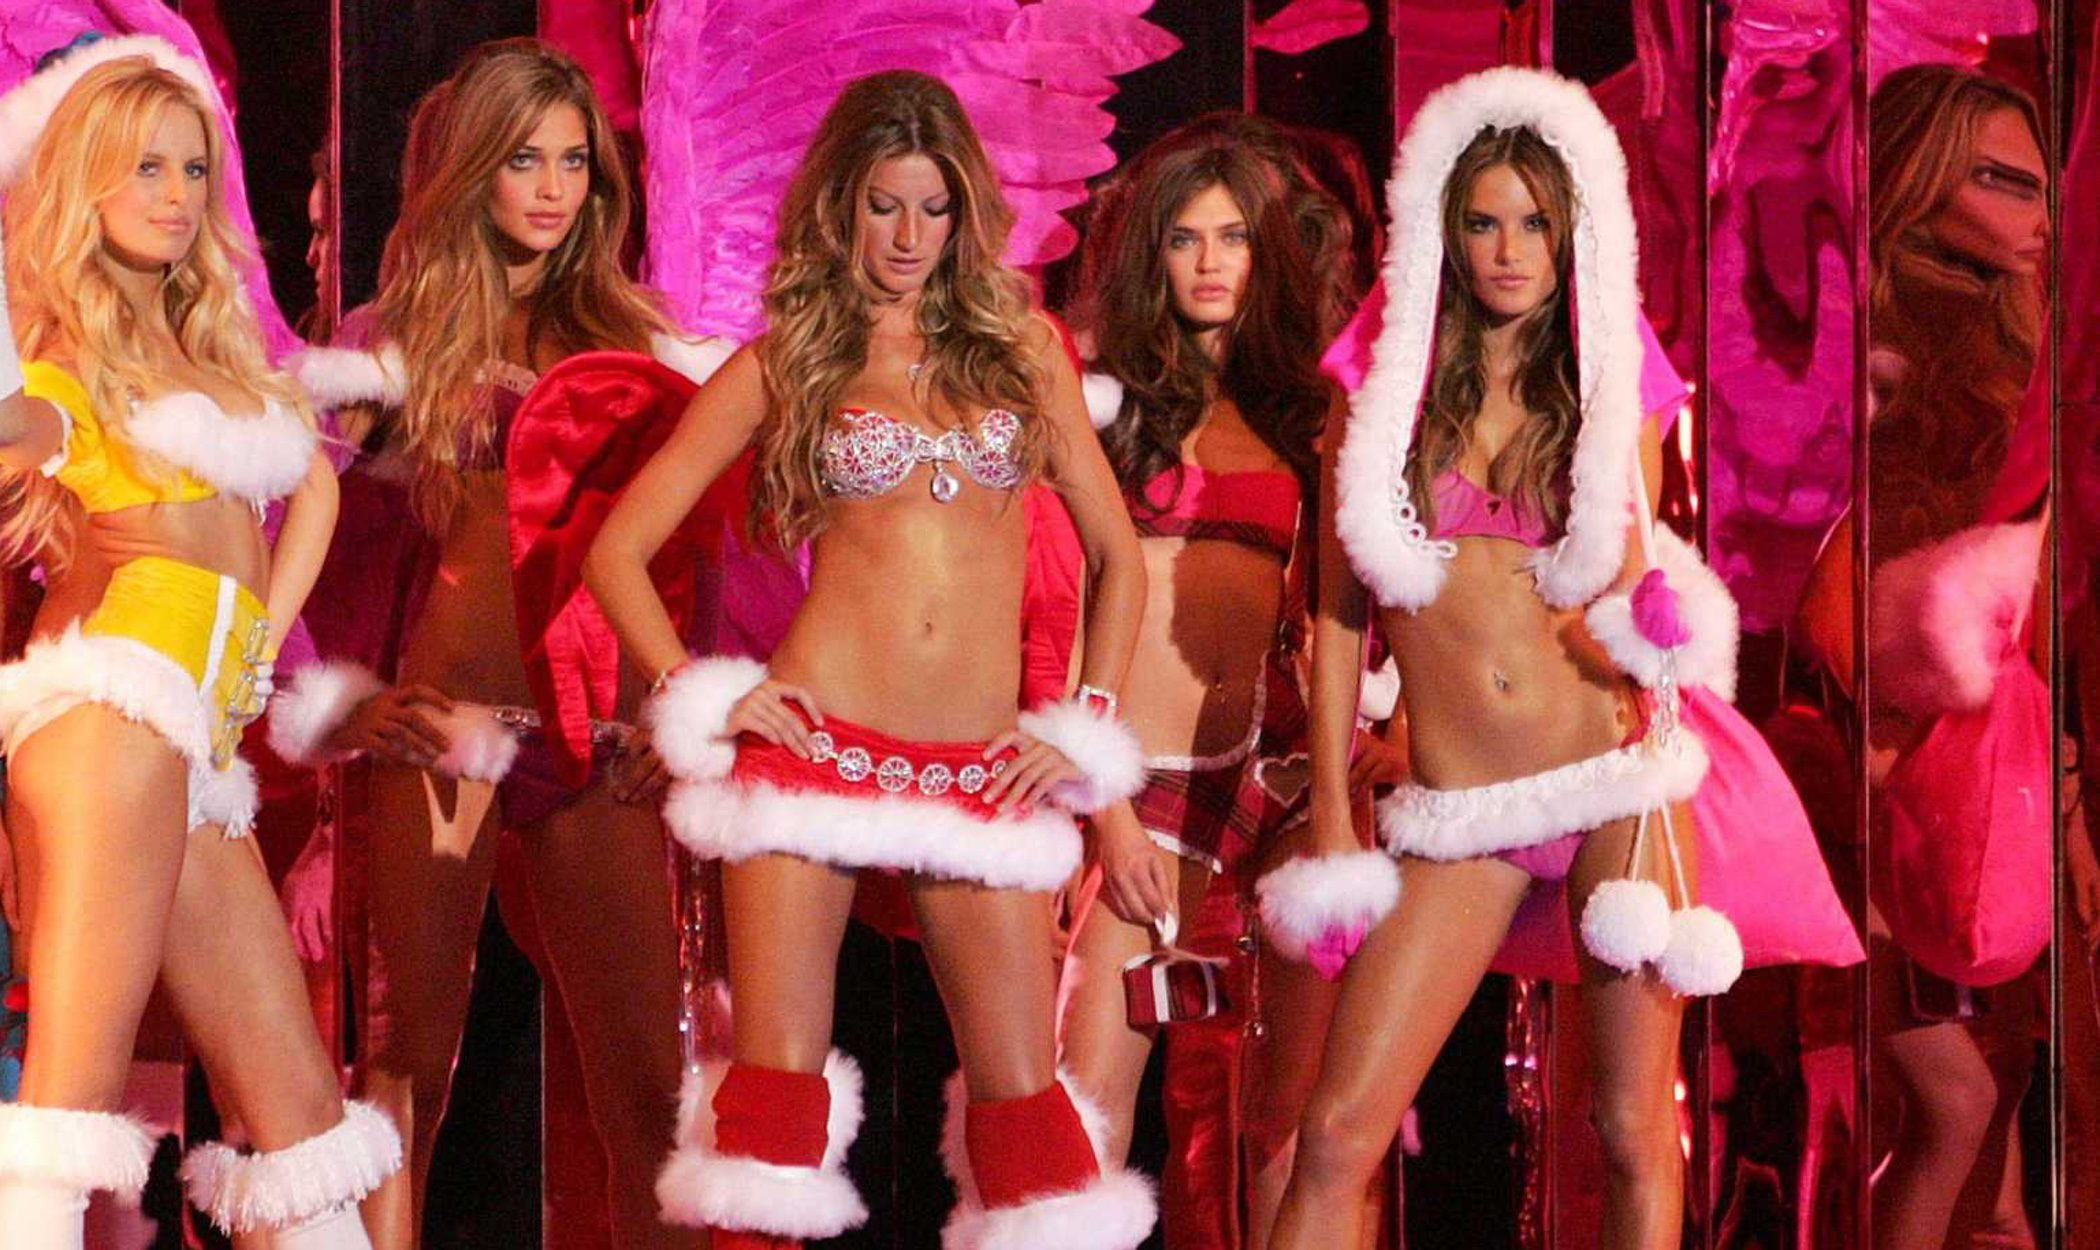 Los ángeles de Victoria's Secret desean feliz Navidad 2012 disfrazadas de Mamá Noel